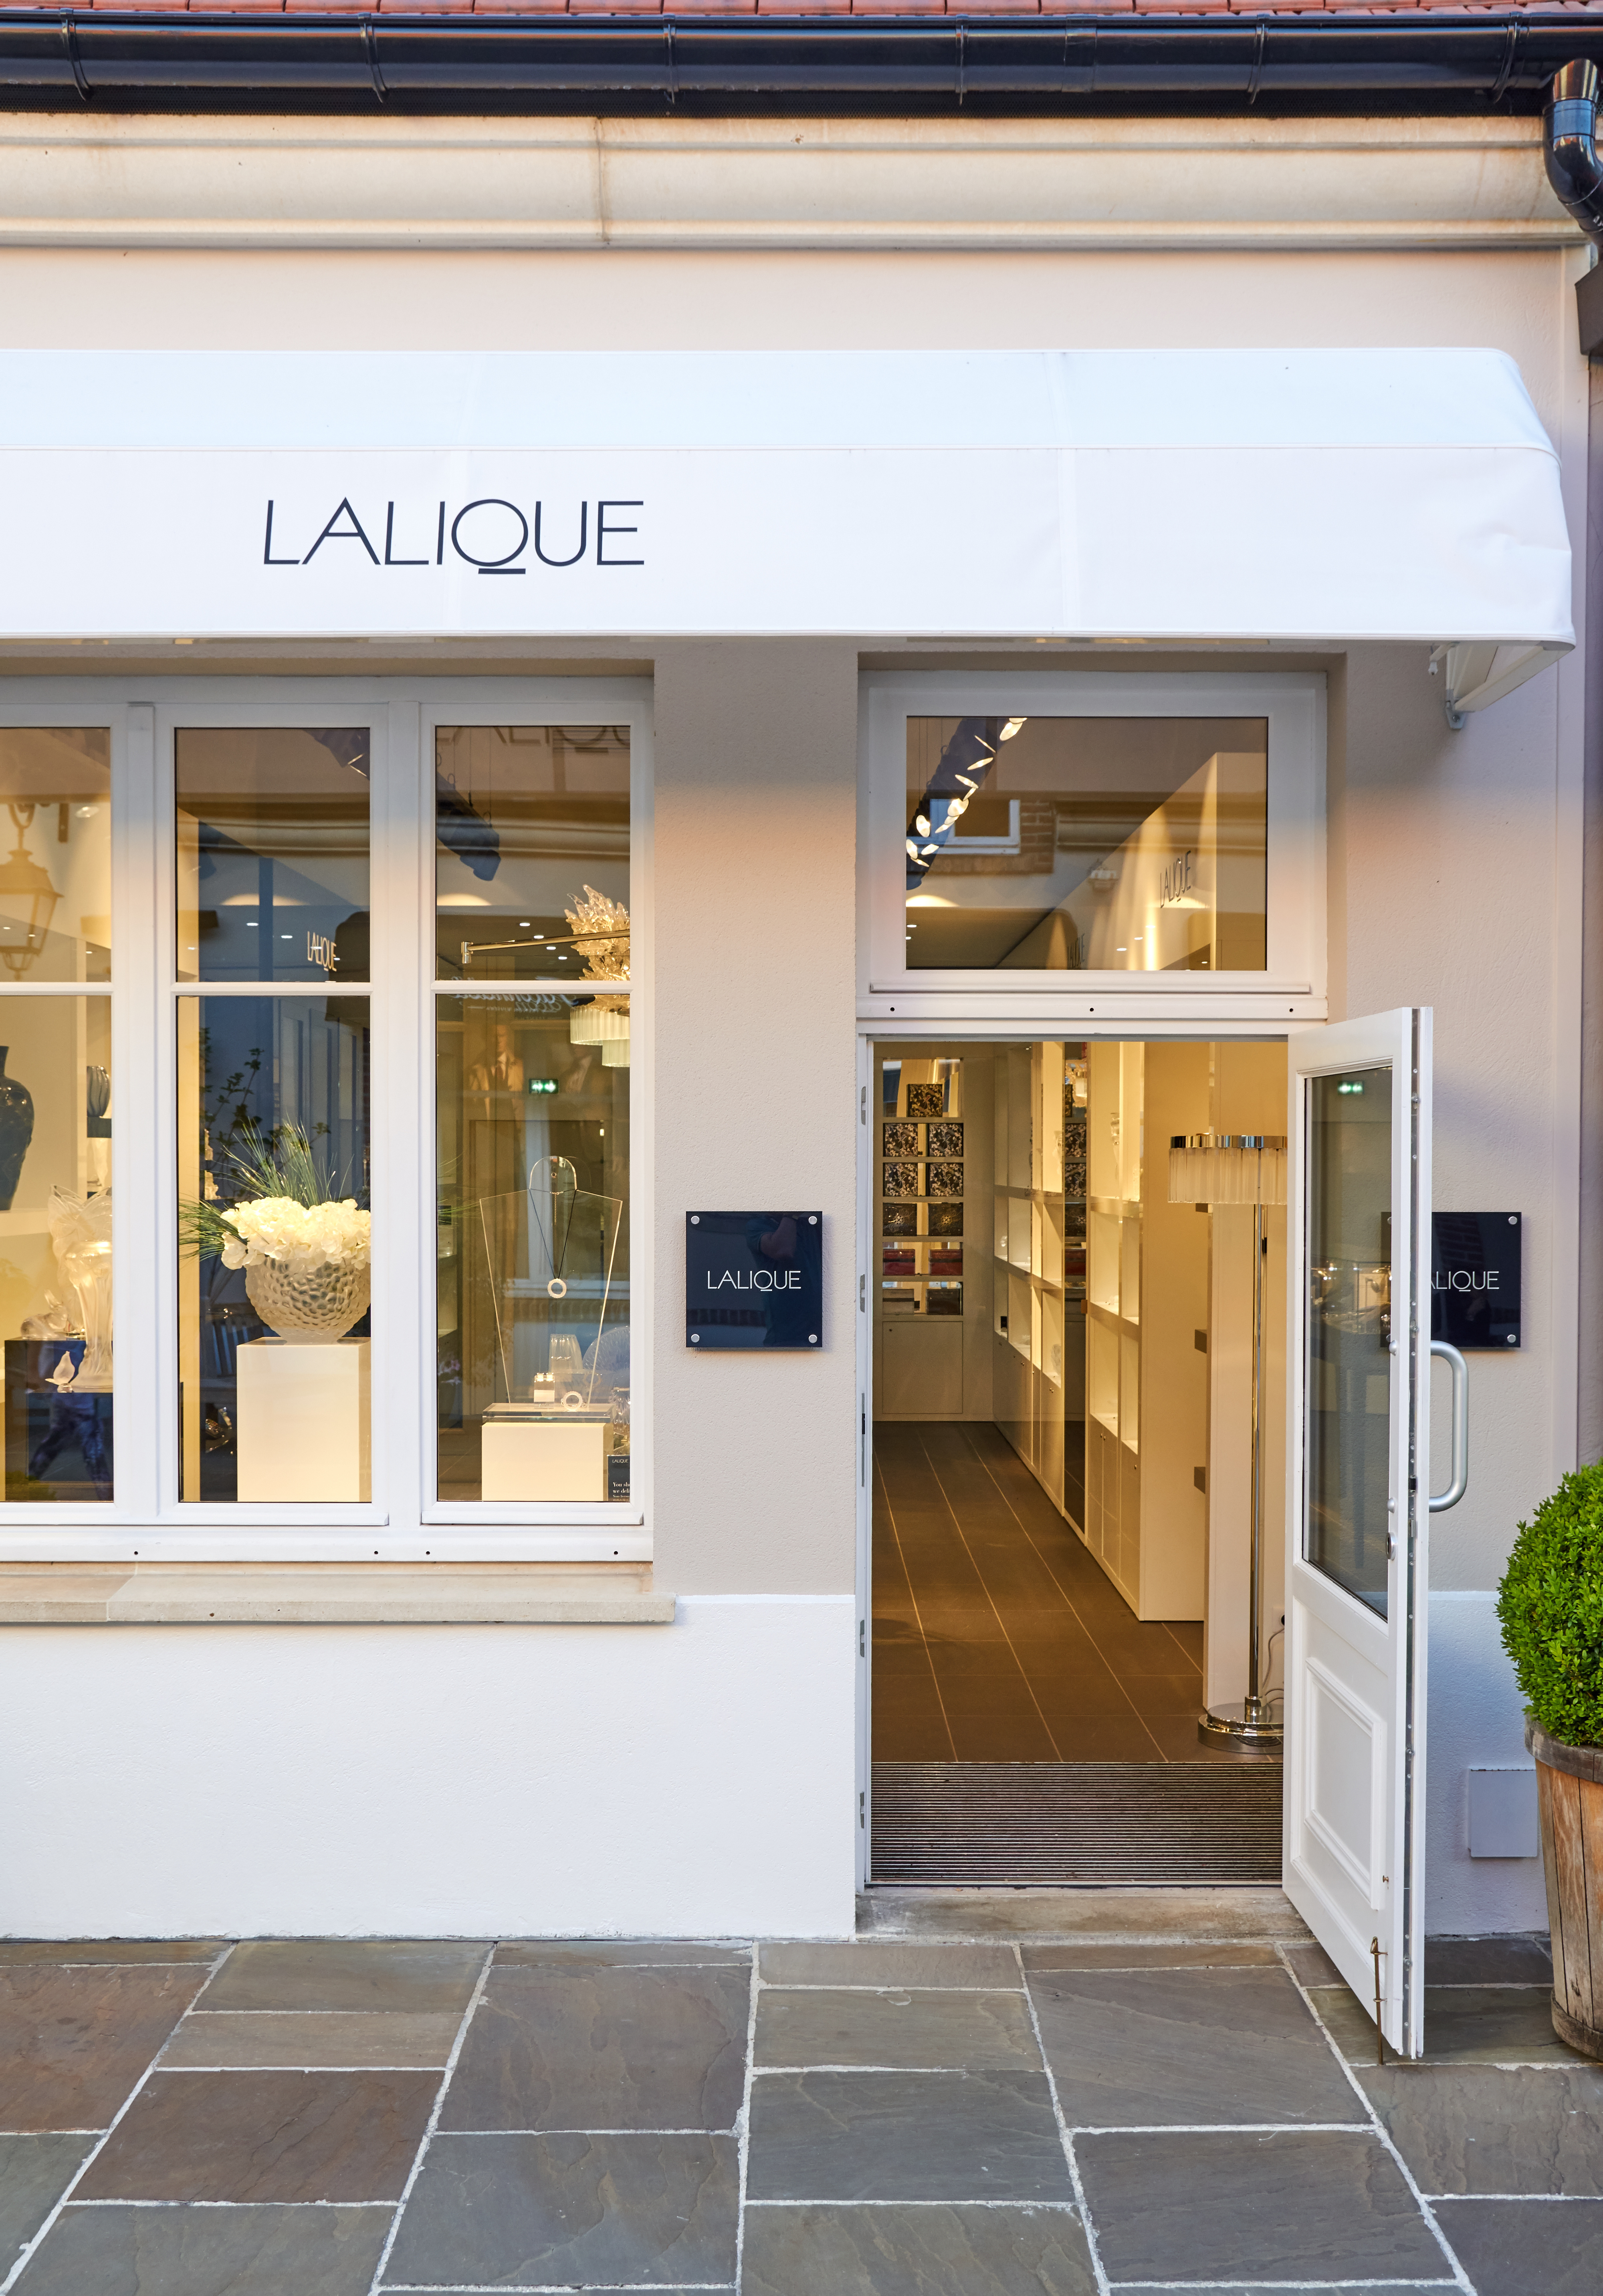 Lalique – producent szkła niezwykłego 💠